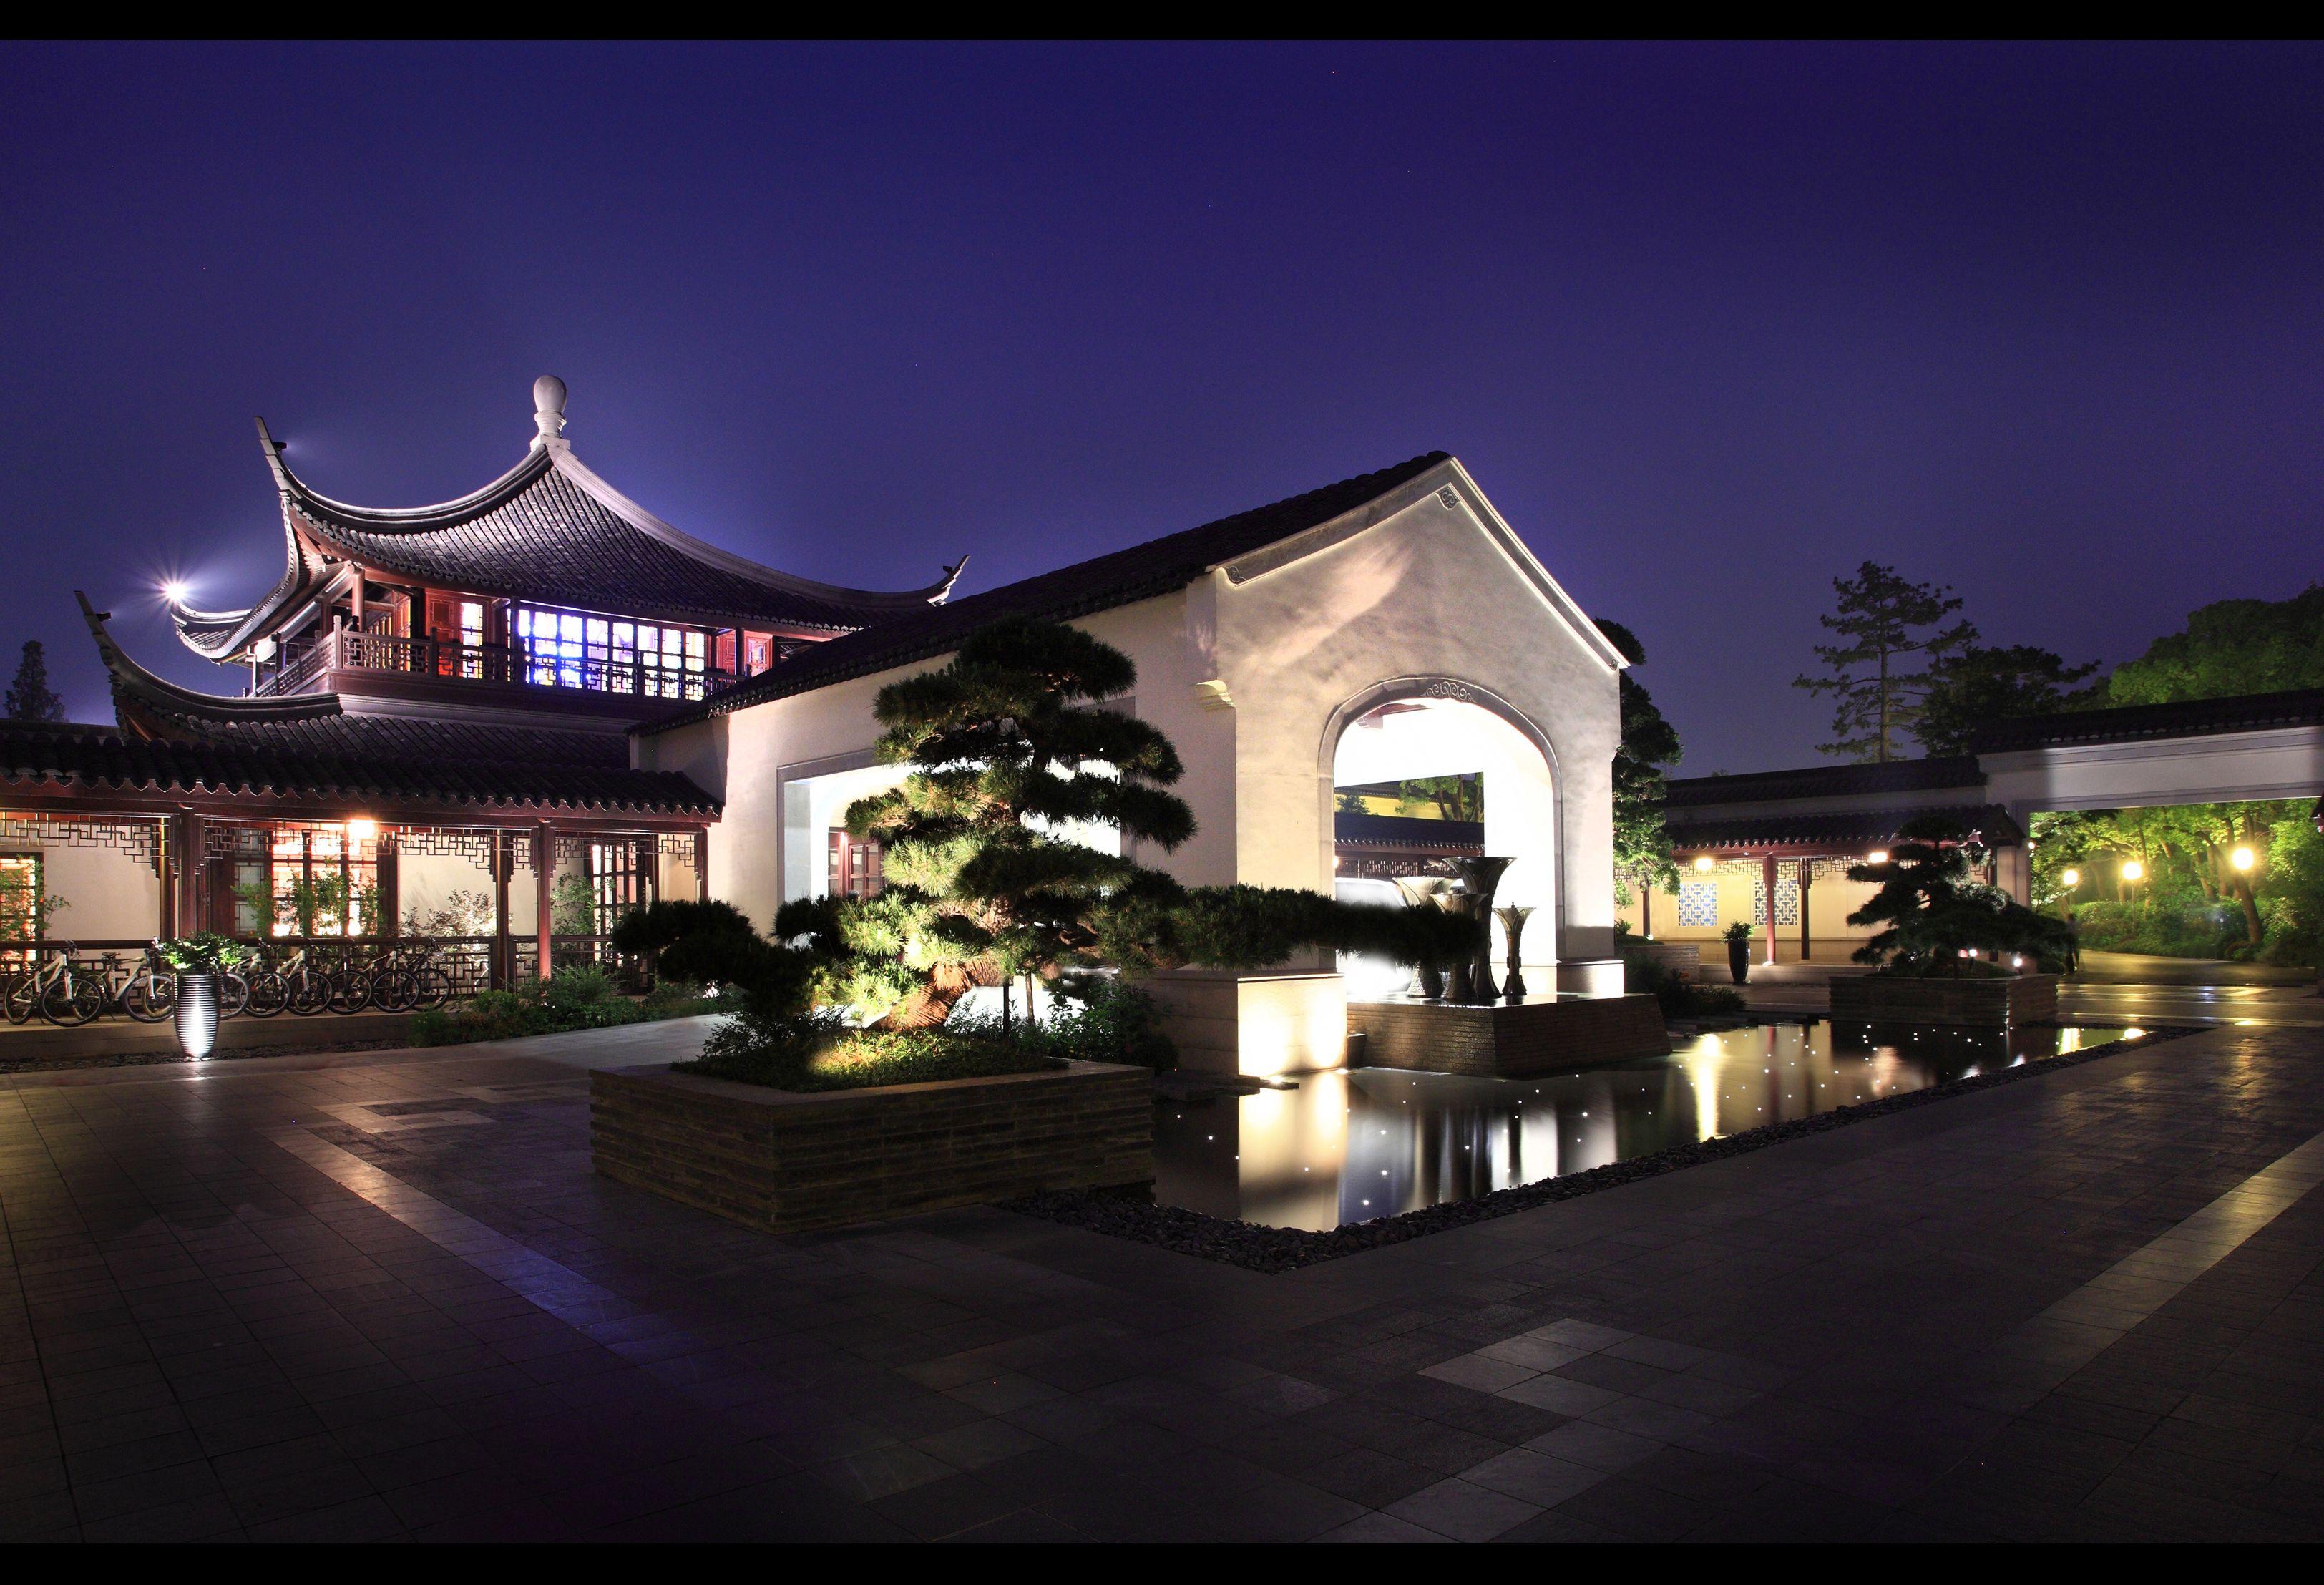 Four Seasons Hotel Hangzhou West Lake China Designed